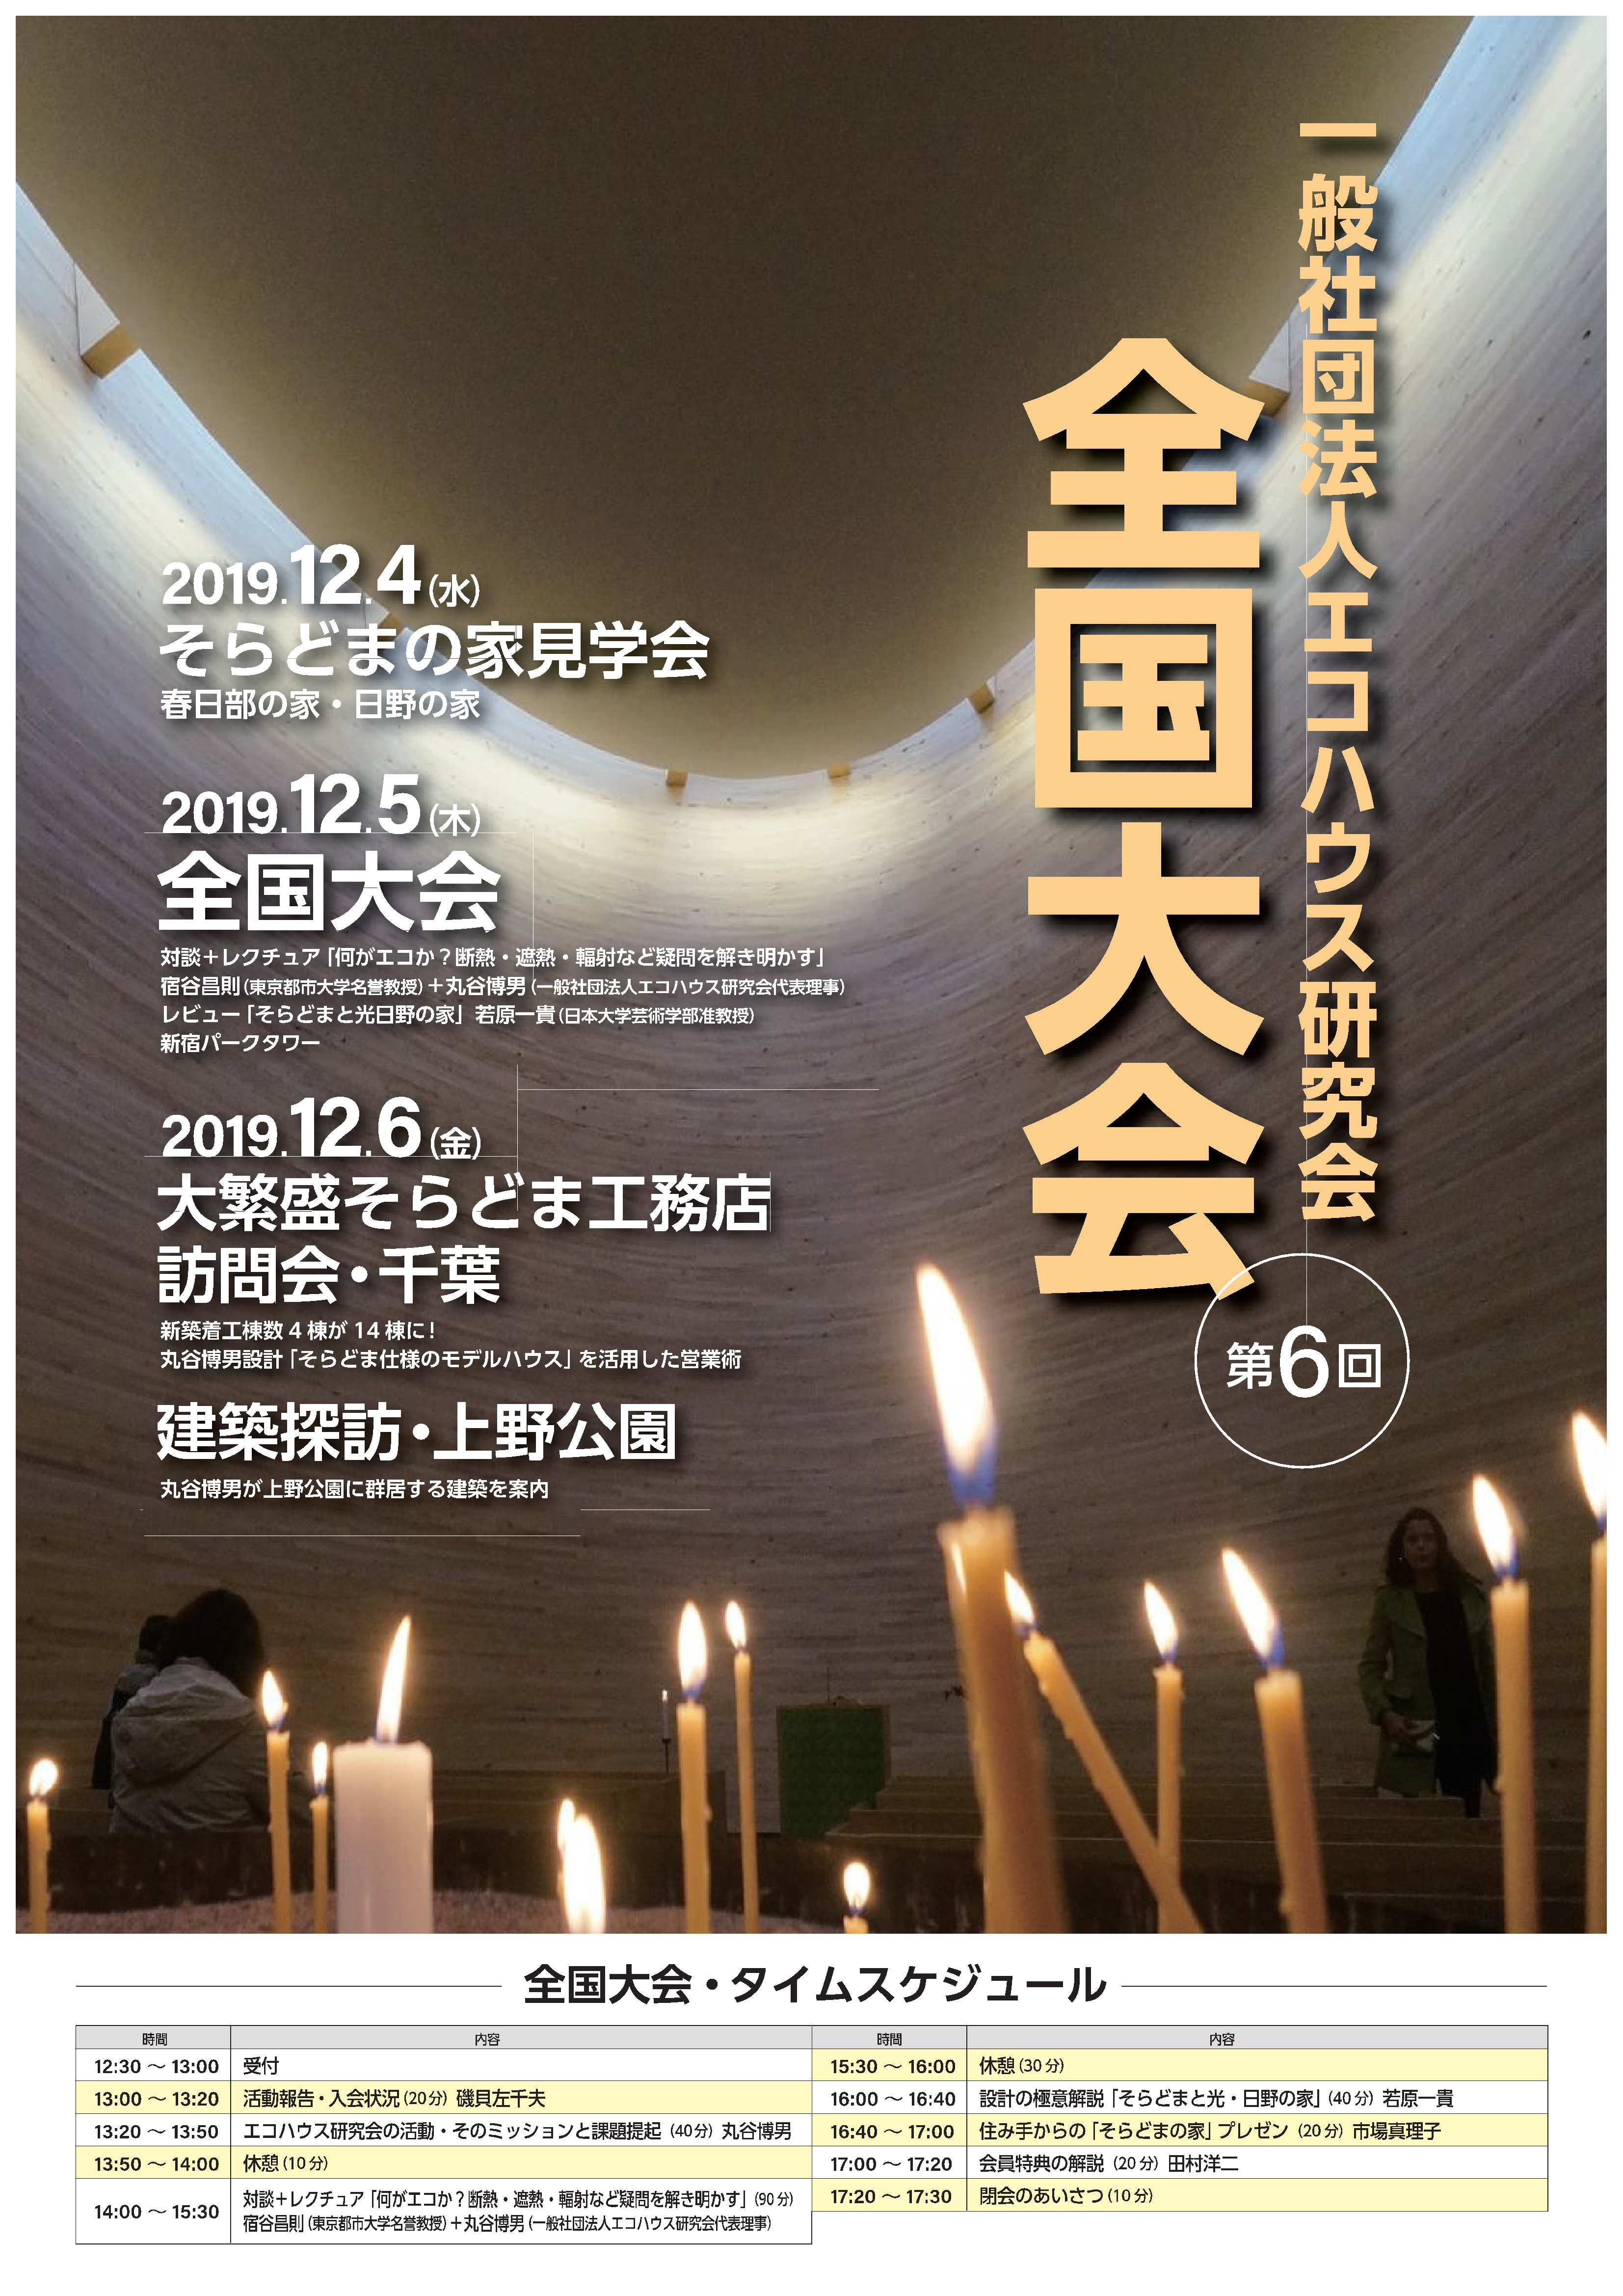 2019年12月5日(木)一般社団法人エコハウス研修会 第6回全国大会